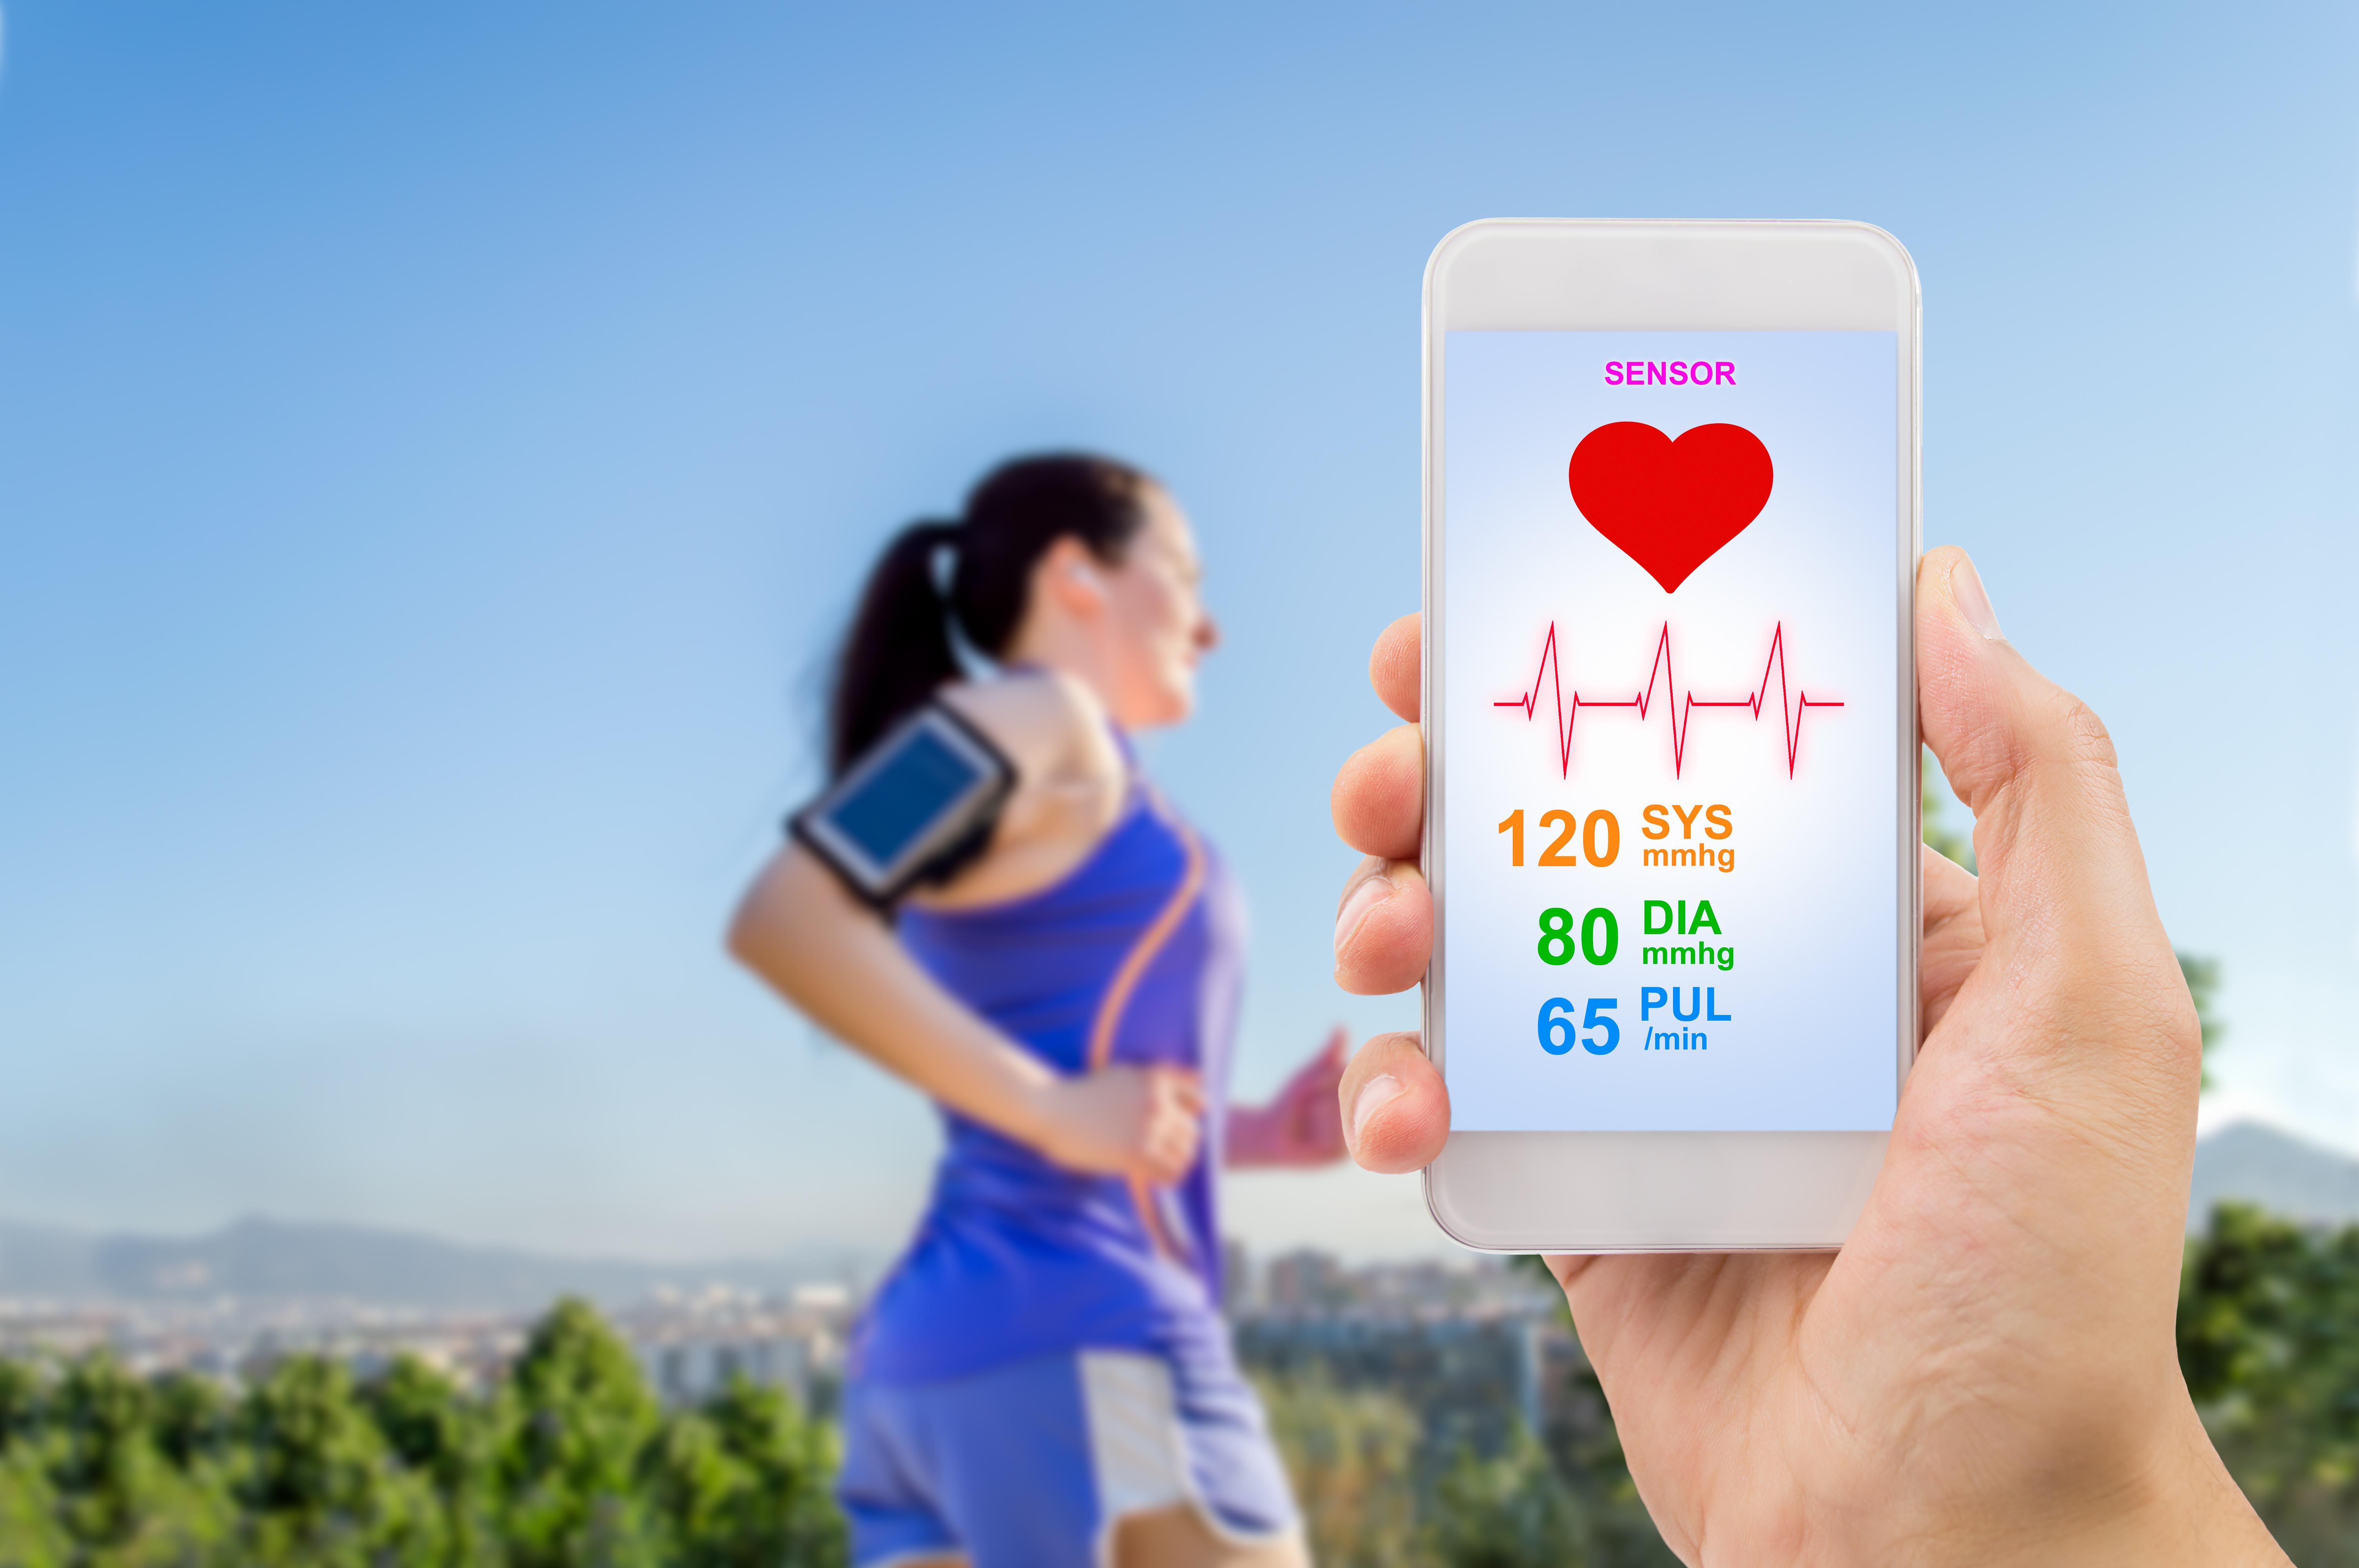 japanski sol-free dijeta za hipertenziju ležeći položaj s hipertenzijom